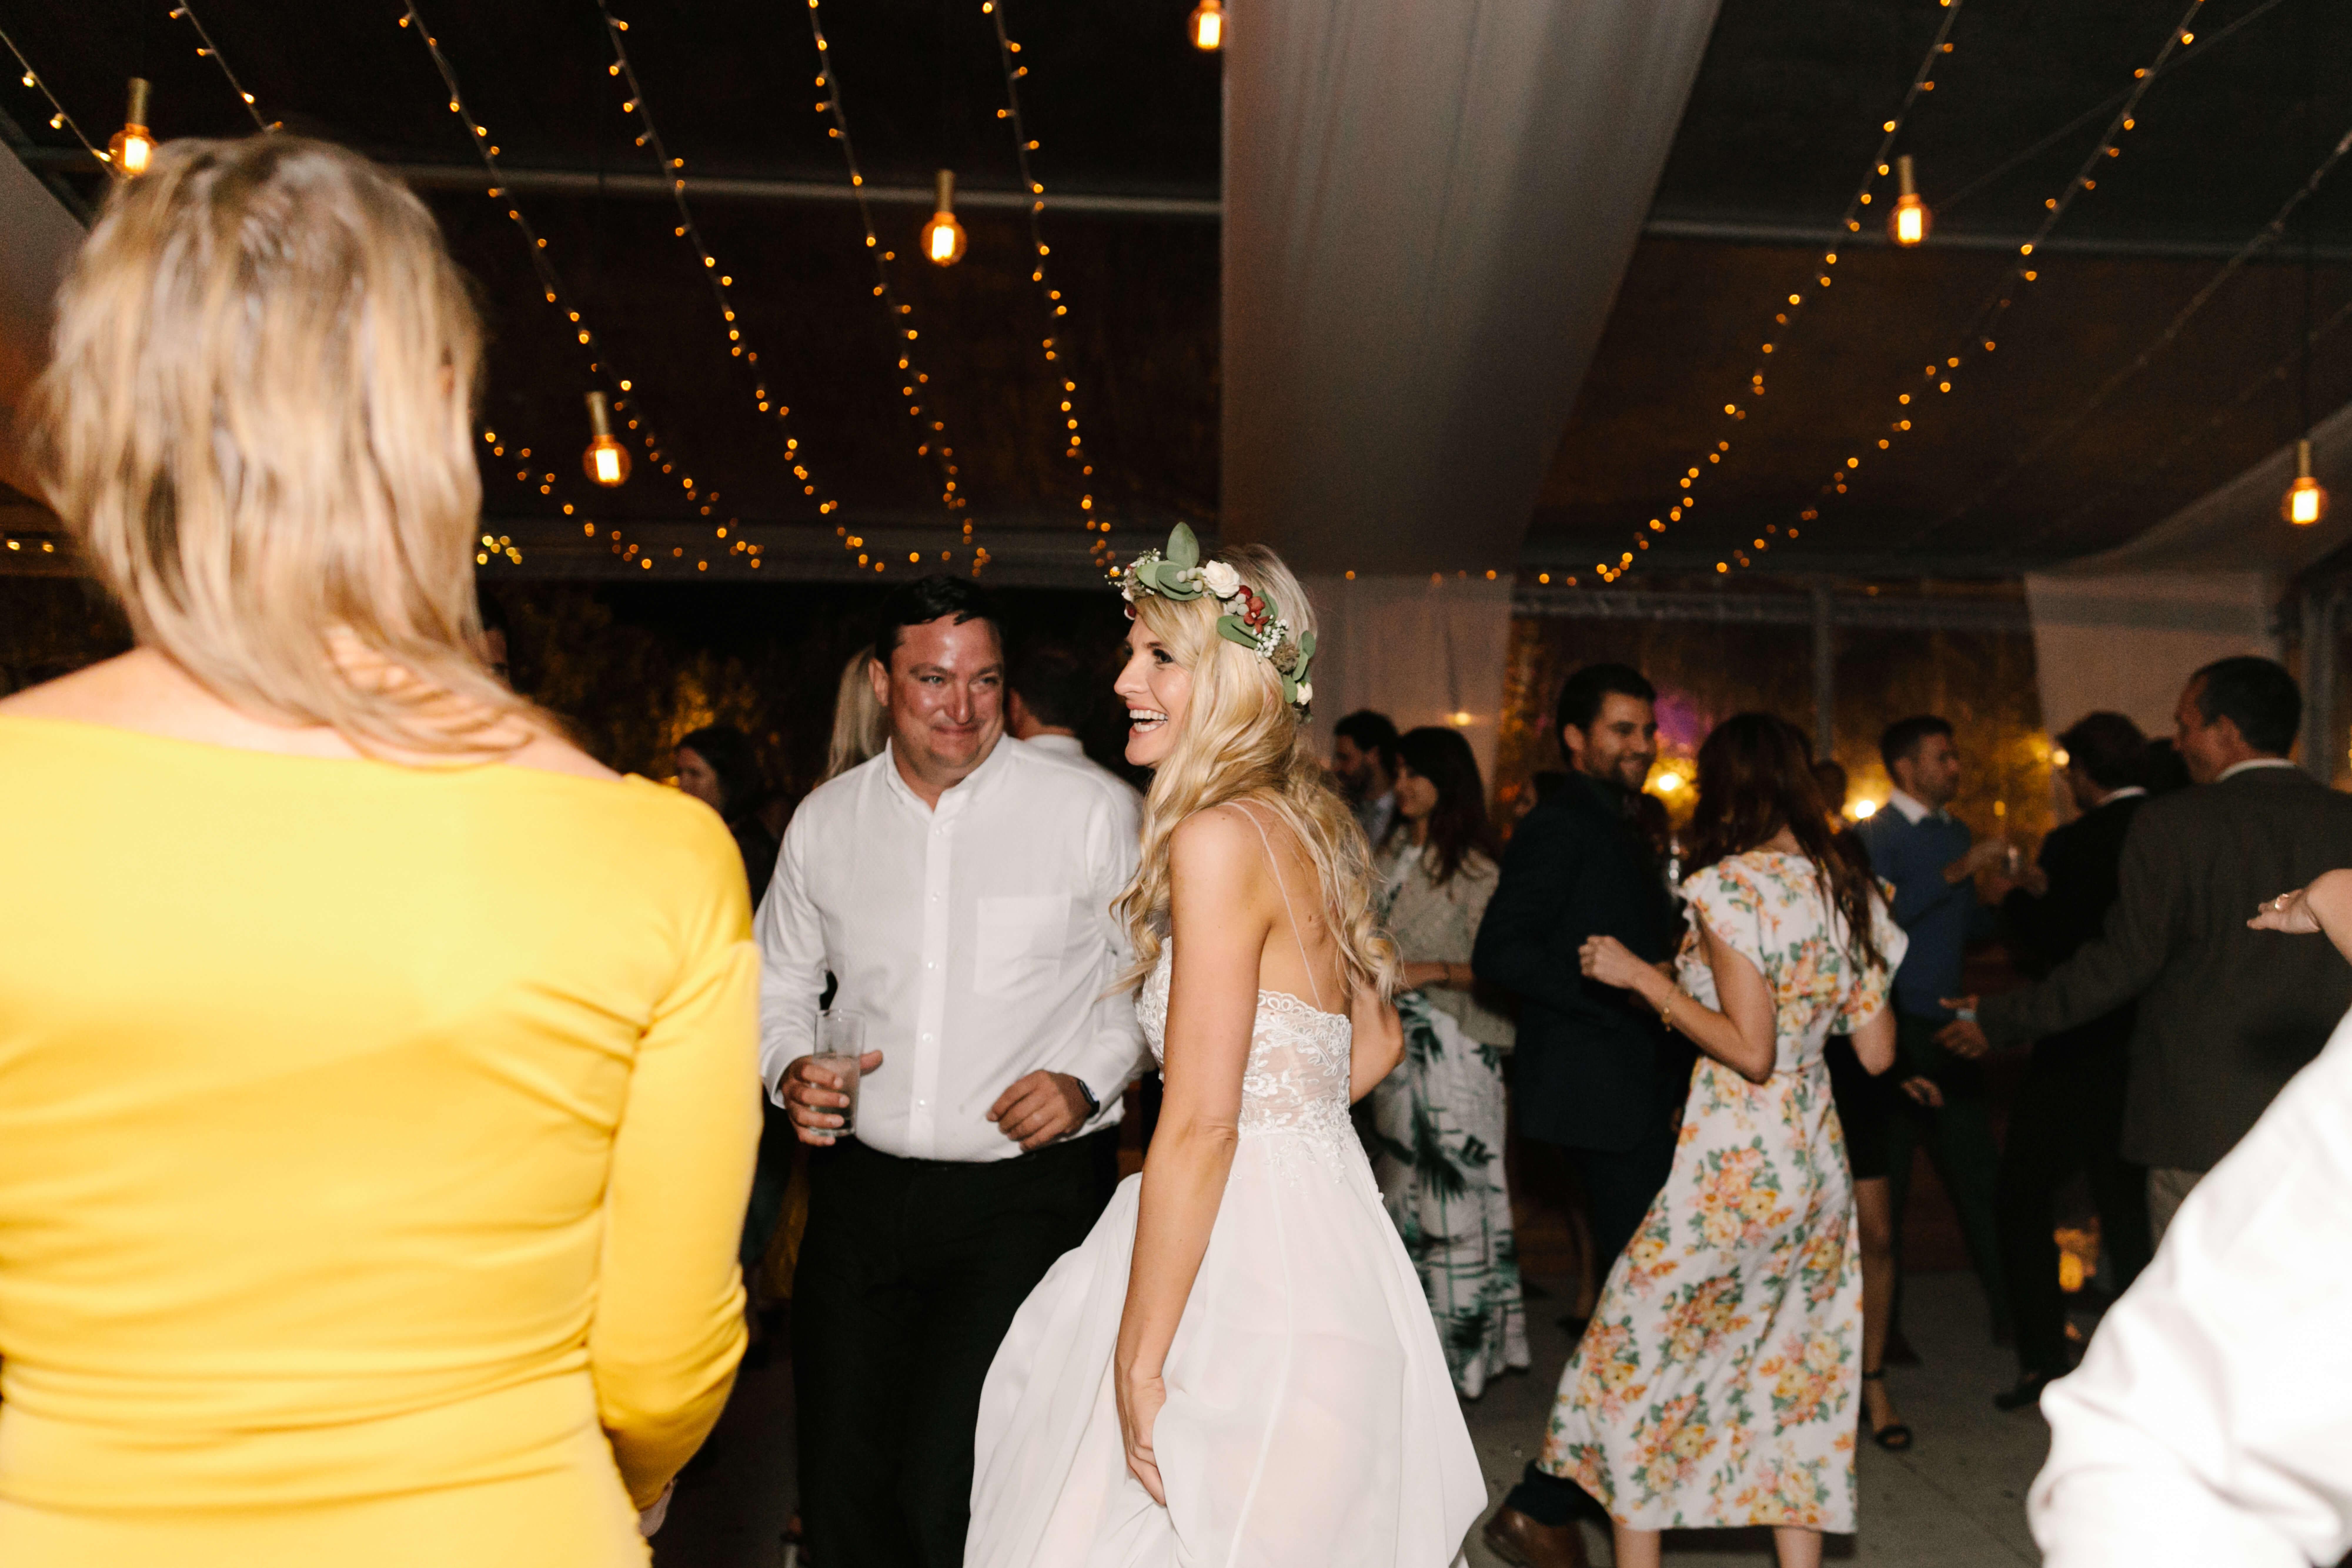 A beautiful bride standing on her wedding dance floor/